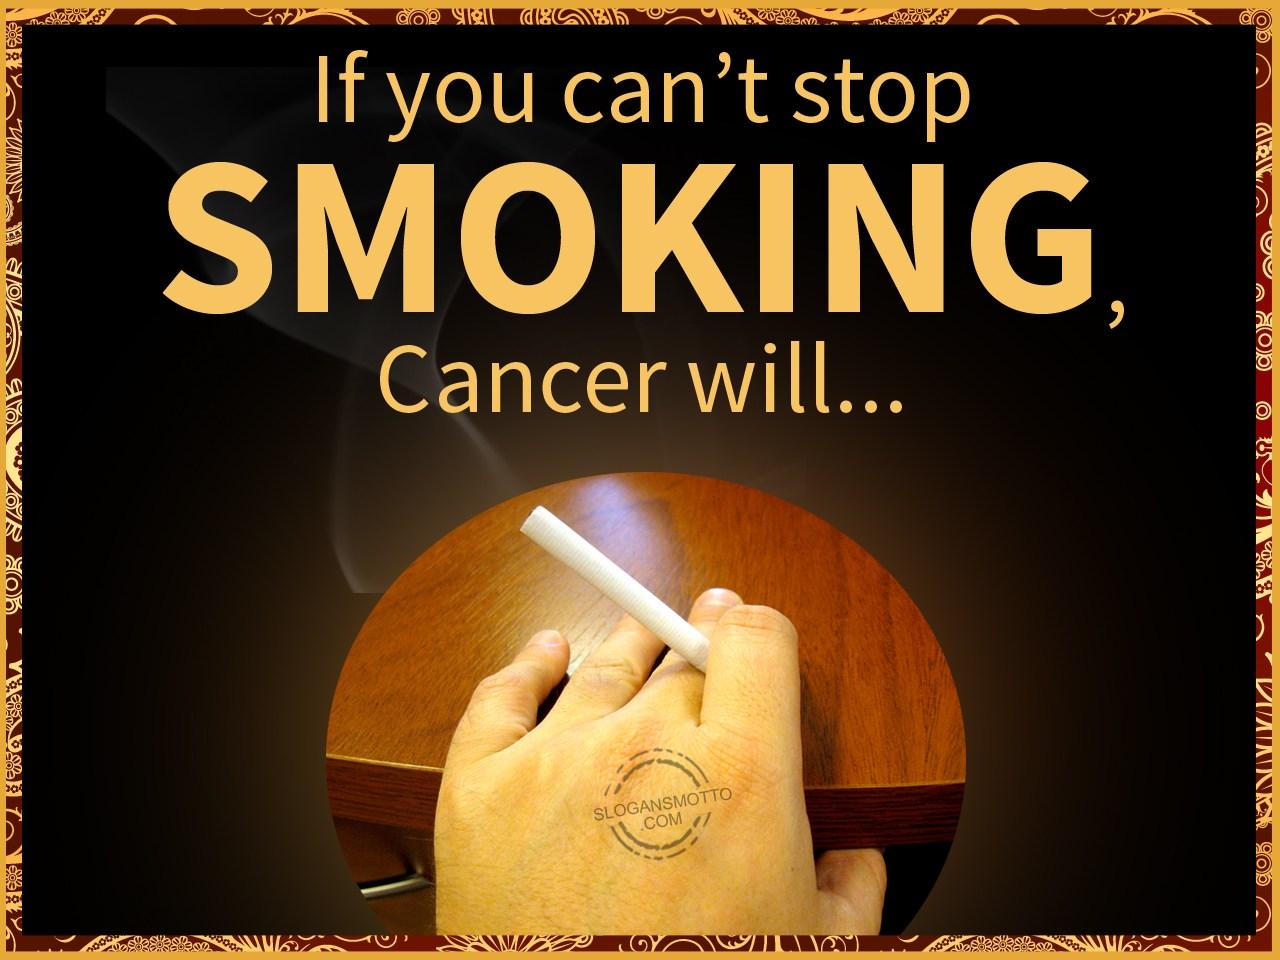 Anti Smoking Slogans - Page 2